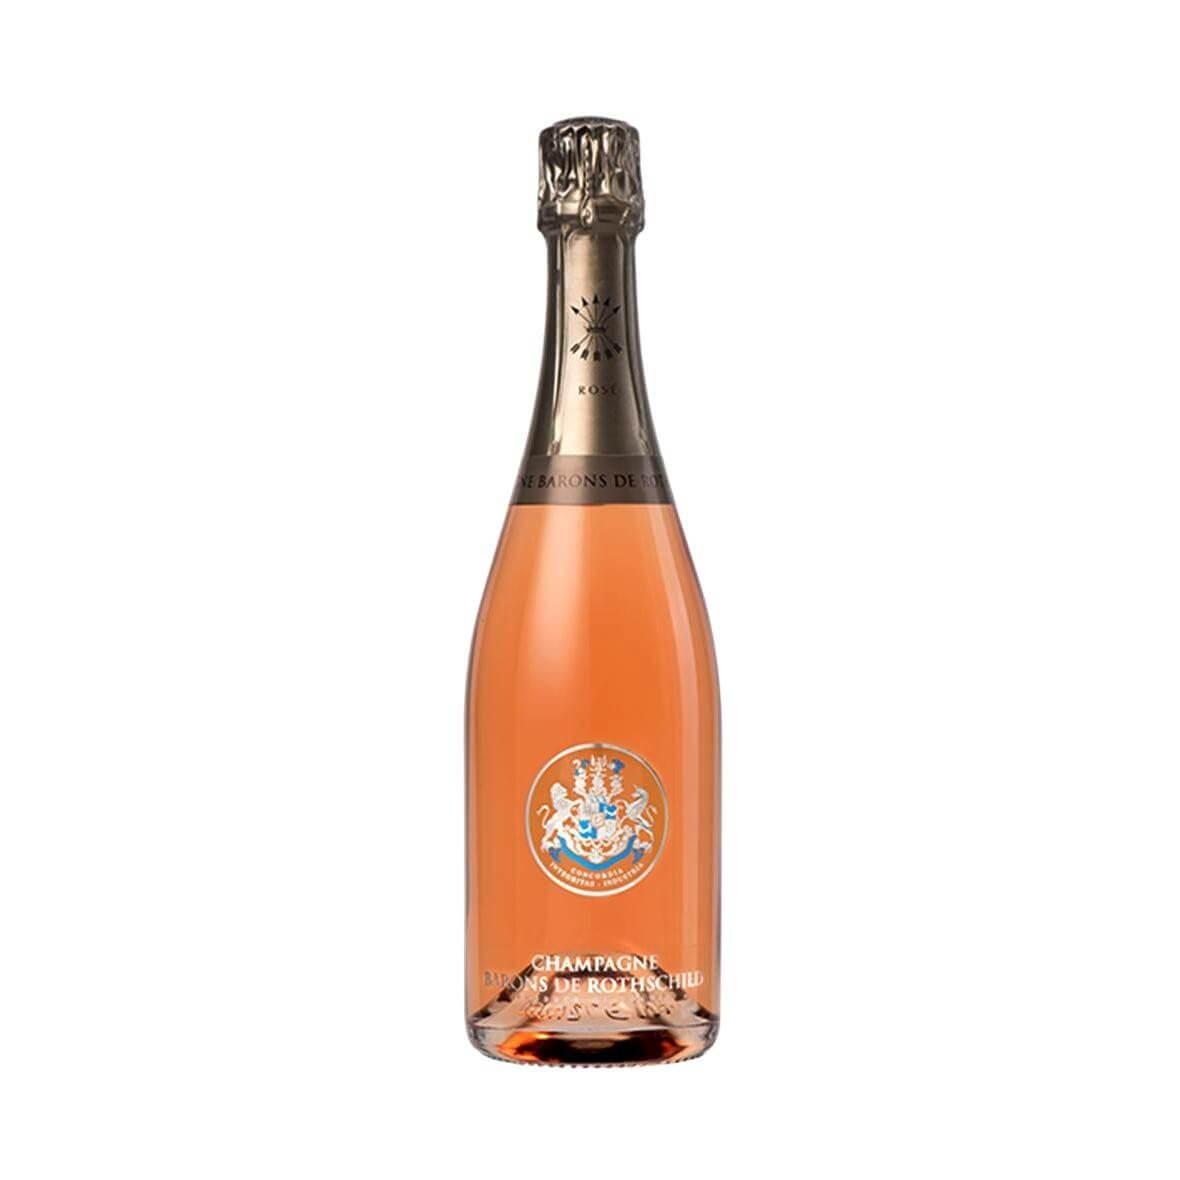 Champagne rosé Barons de Rothschild